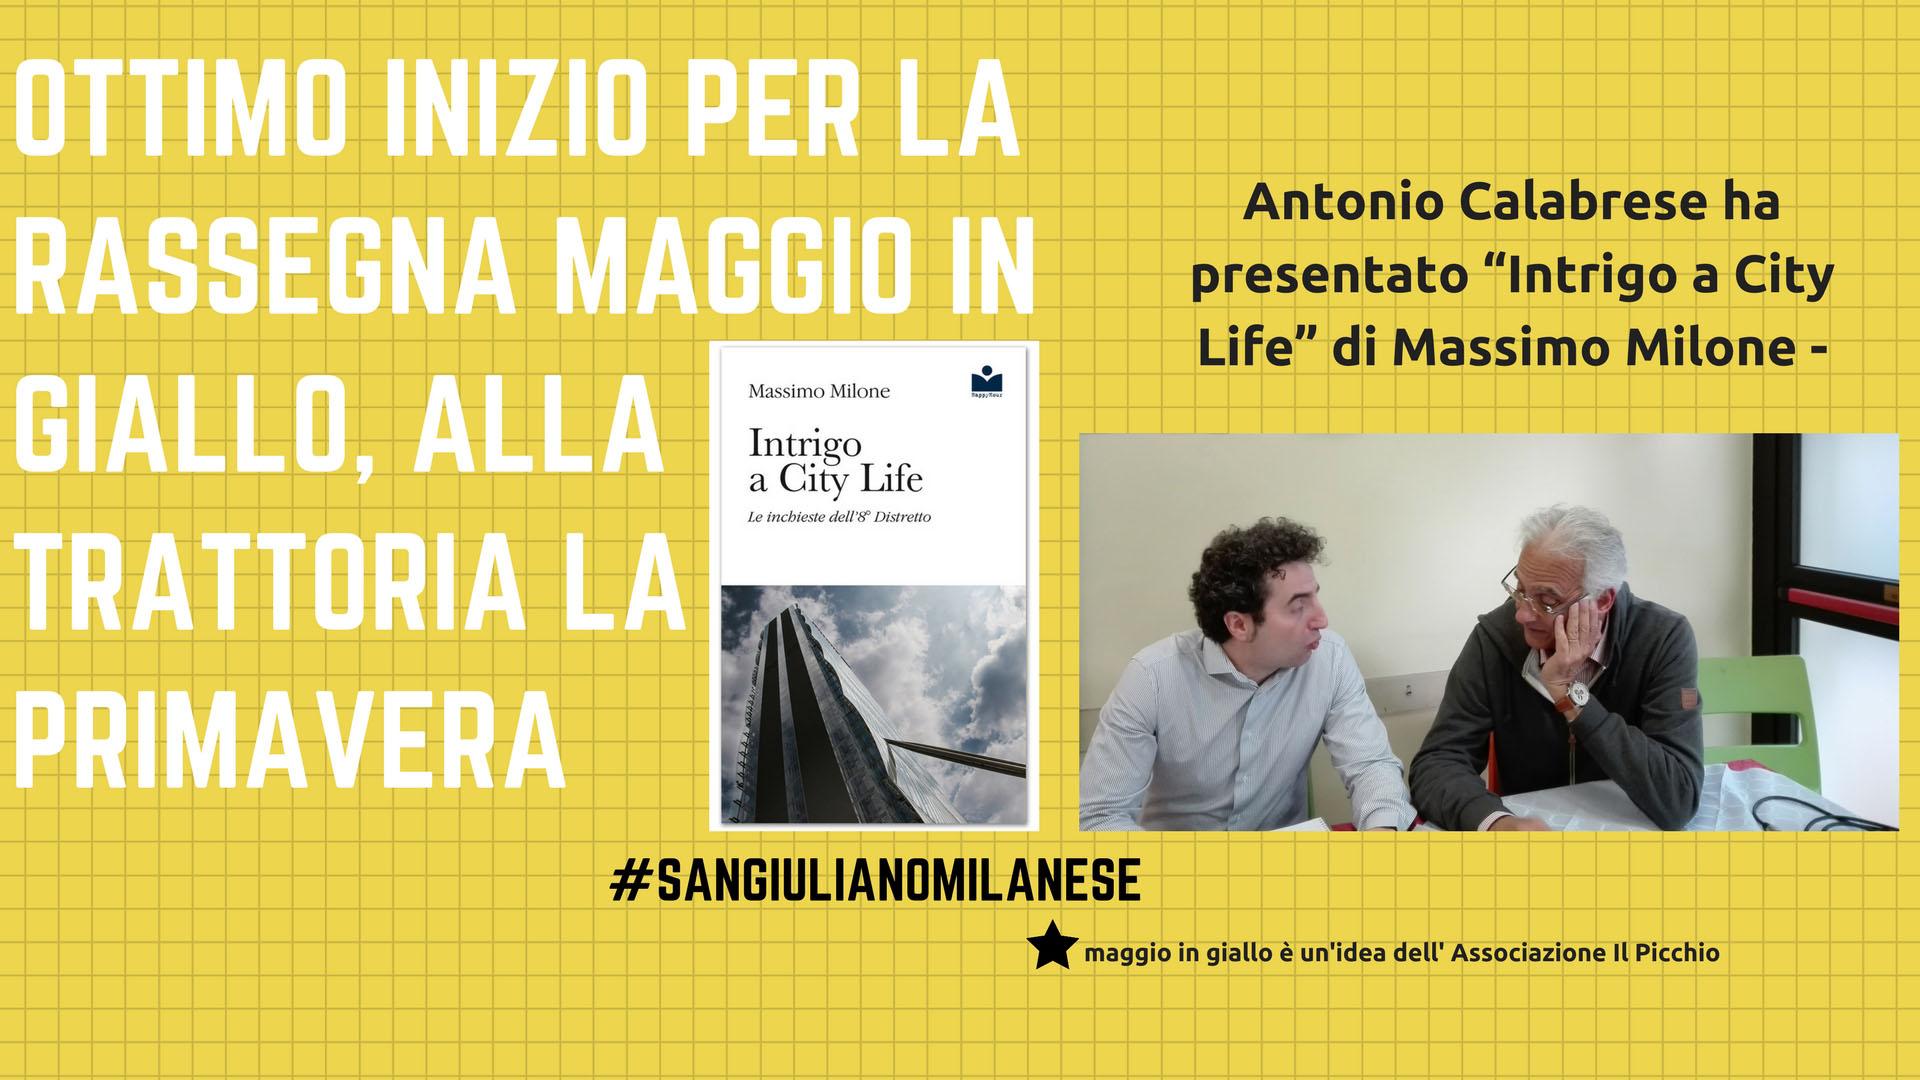 03788_MaggioinGiallo_MassimoMilone